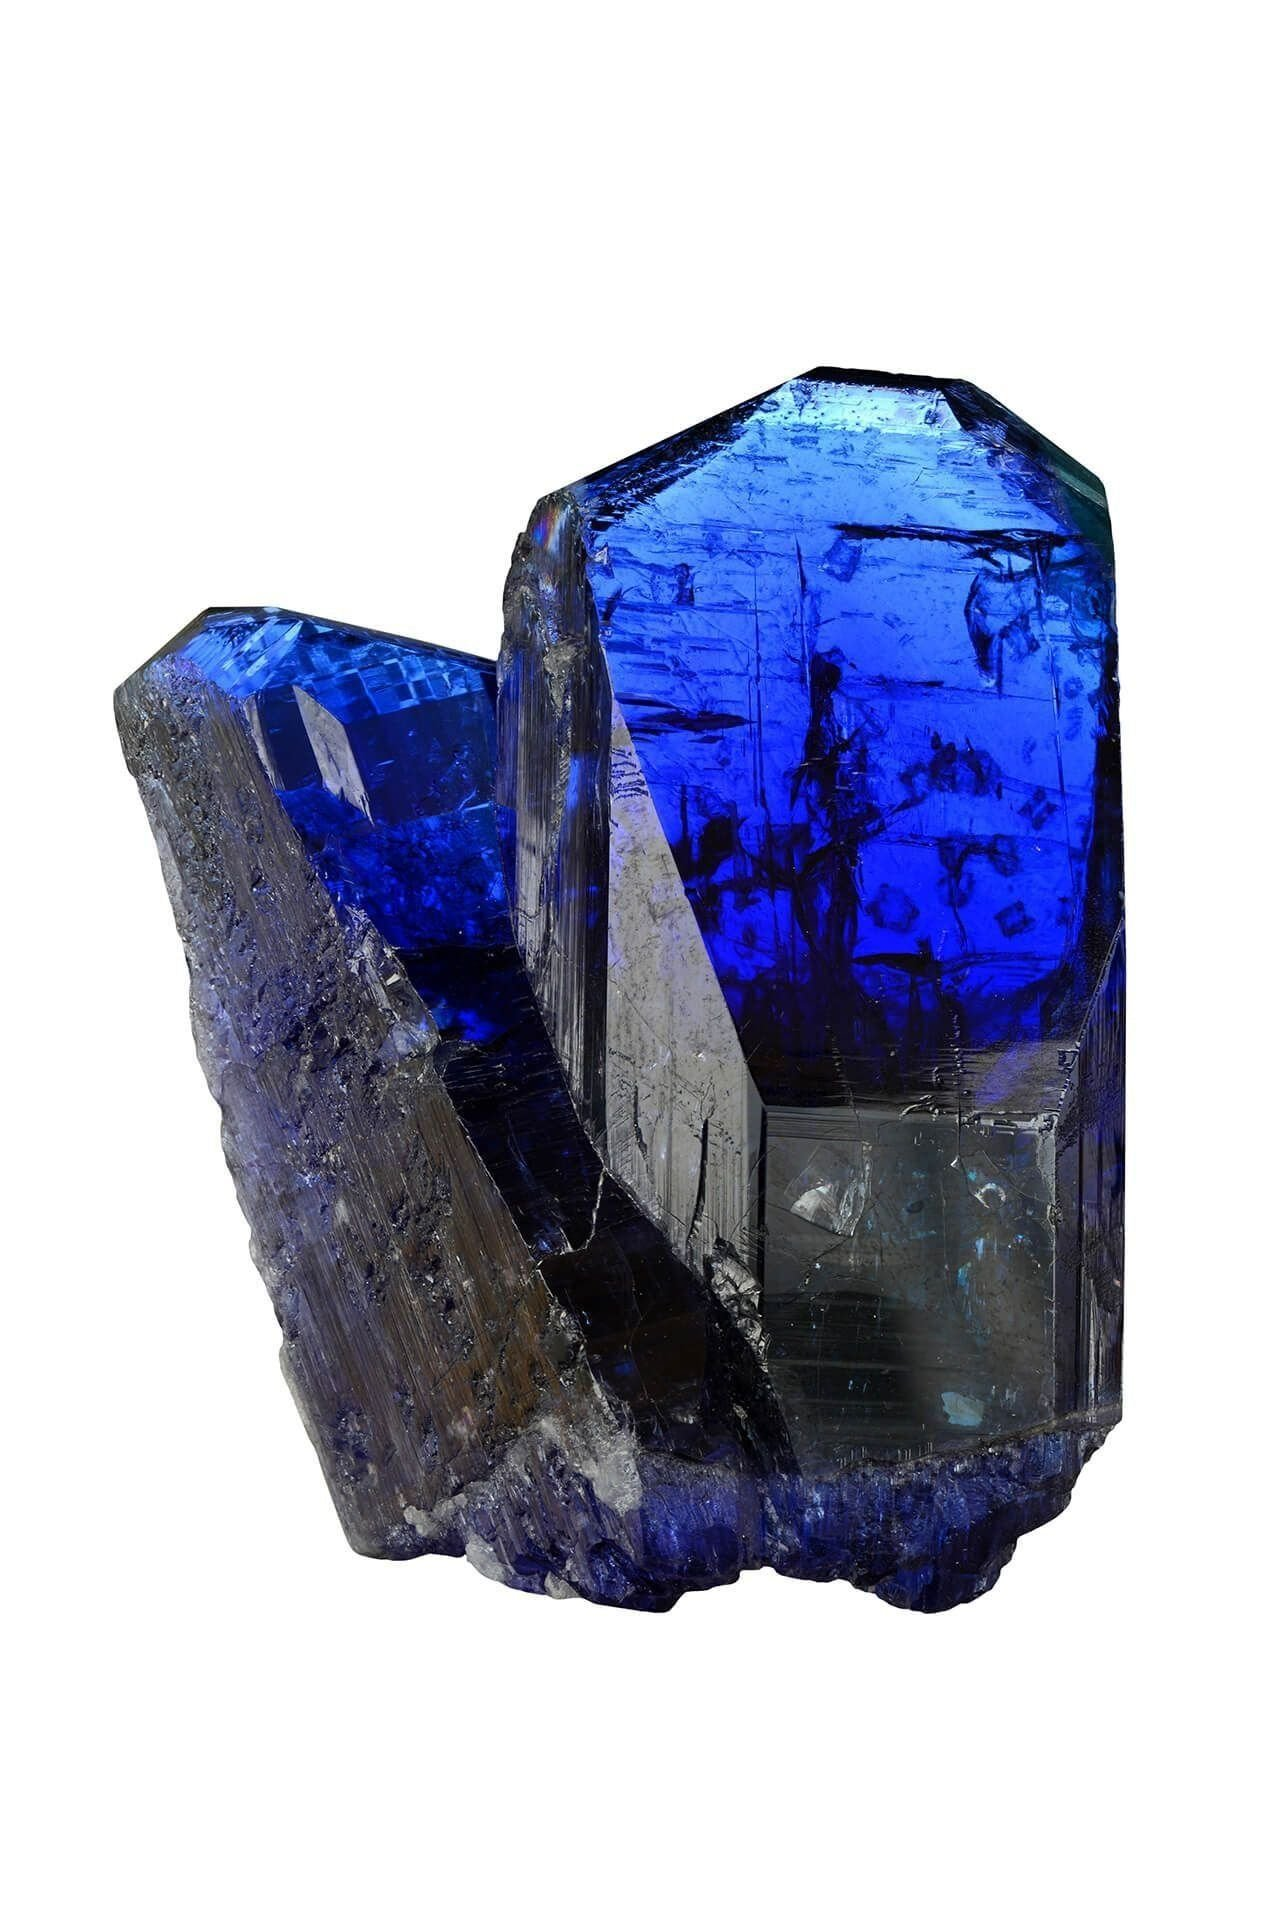 La tanzanite, cette pierre inconnue il y a encore quelques années, est devenue une star de la joaillerie